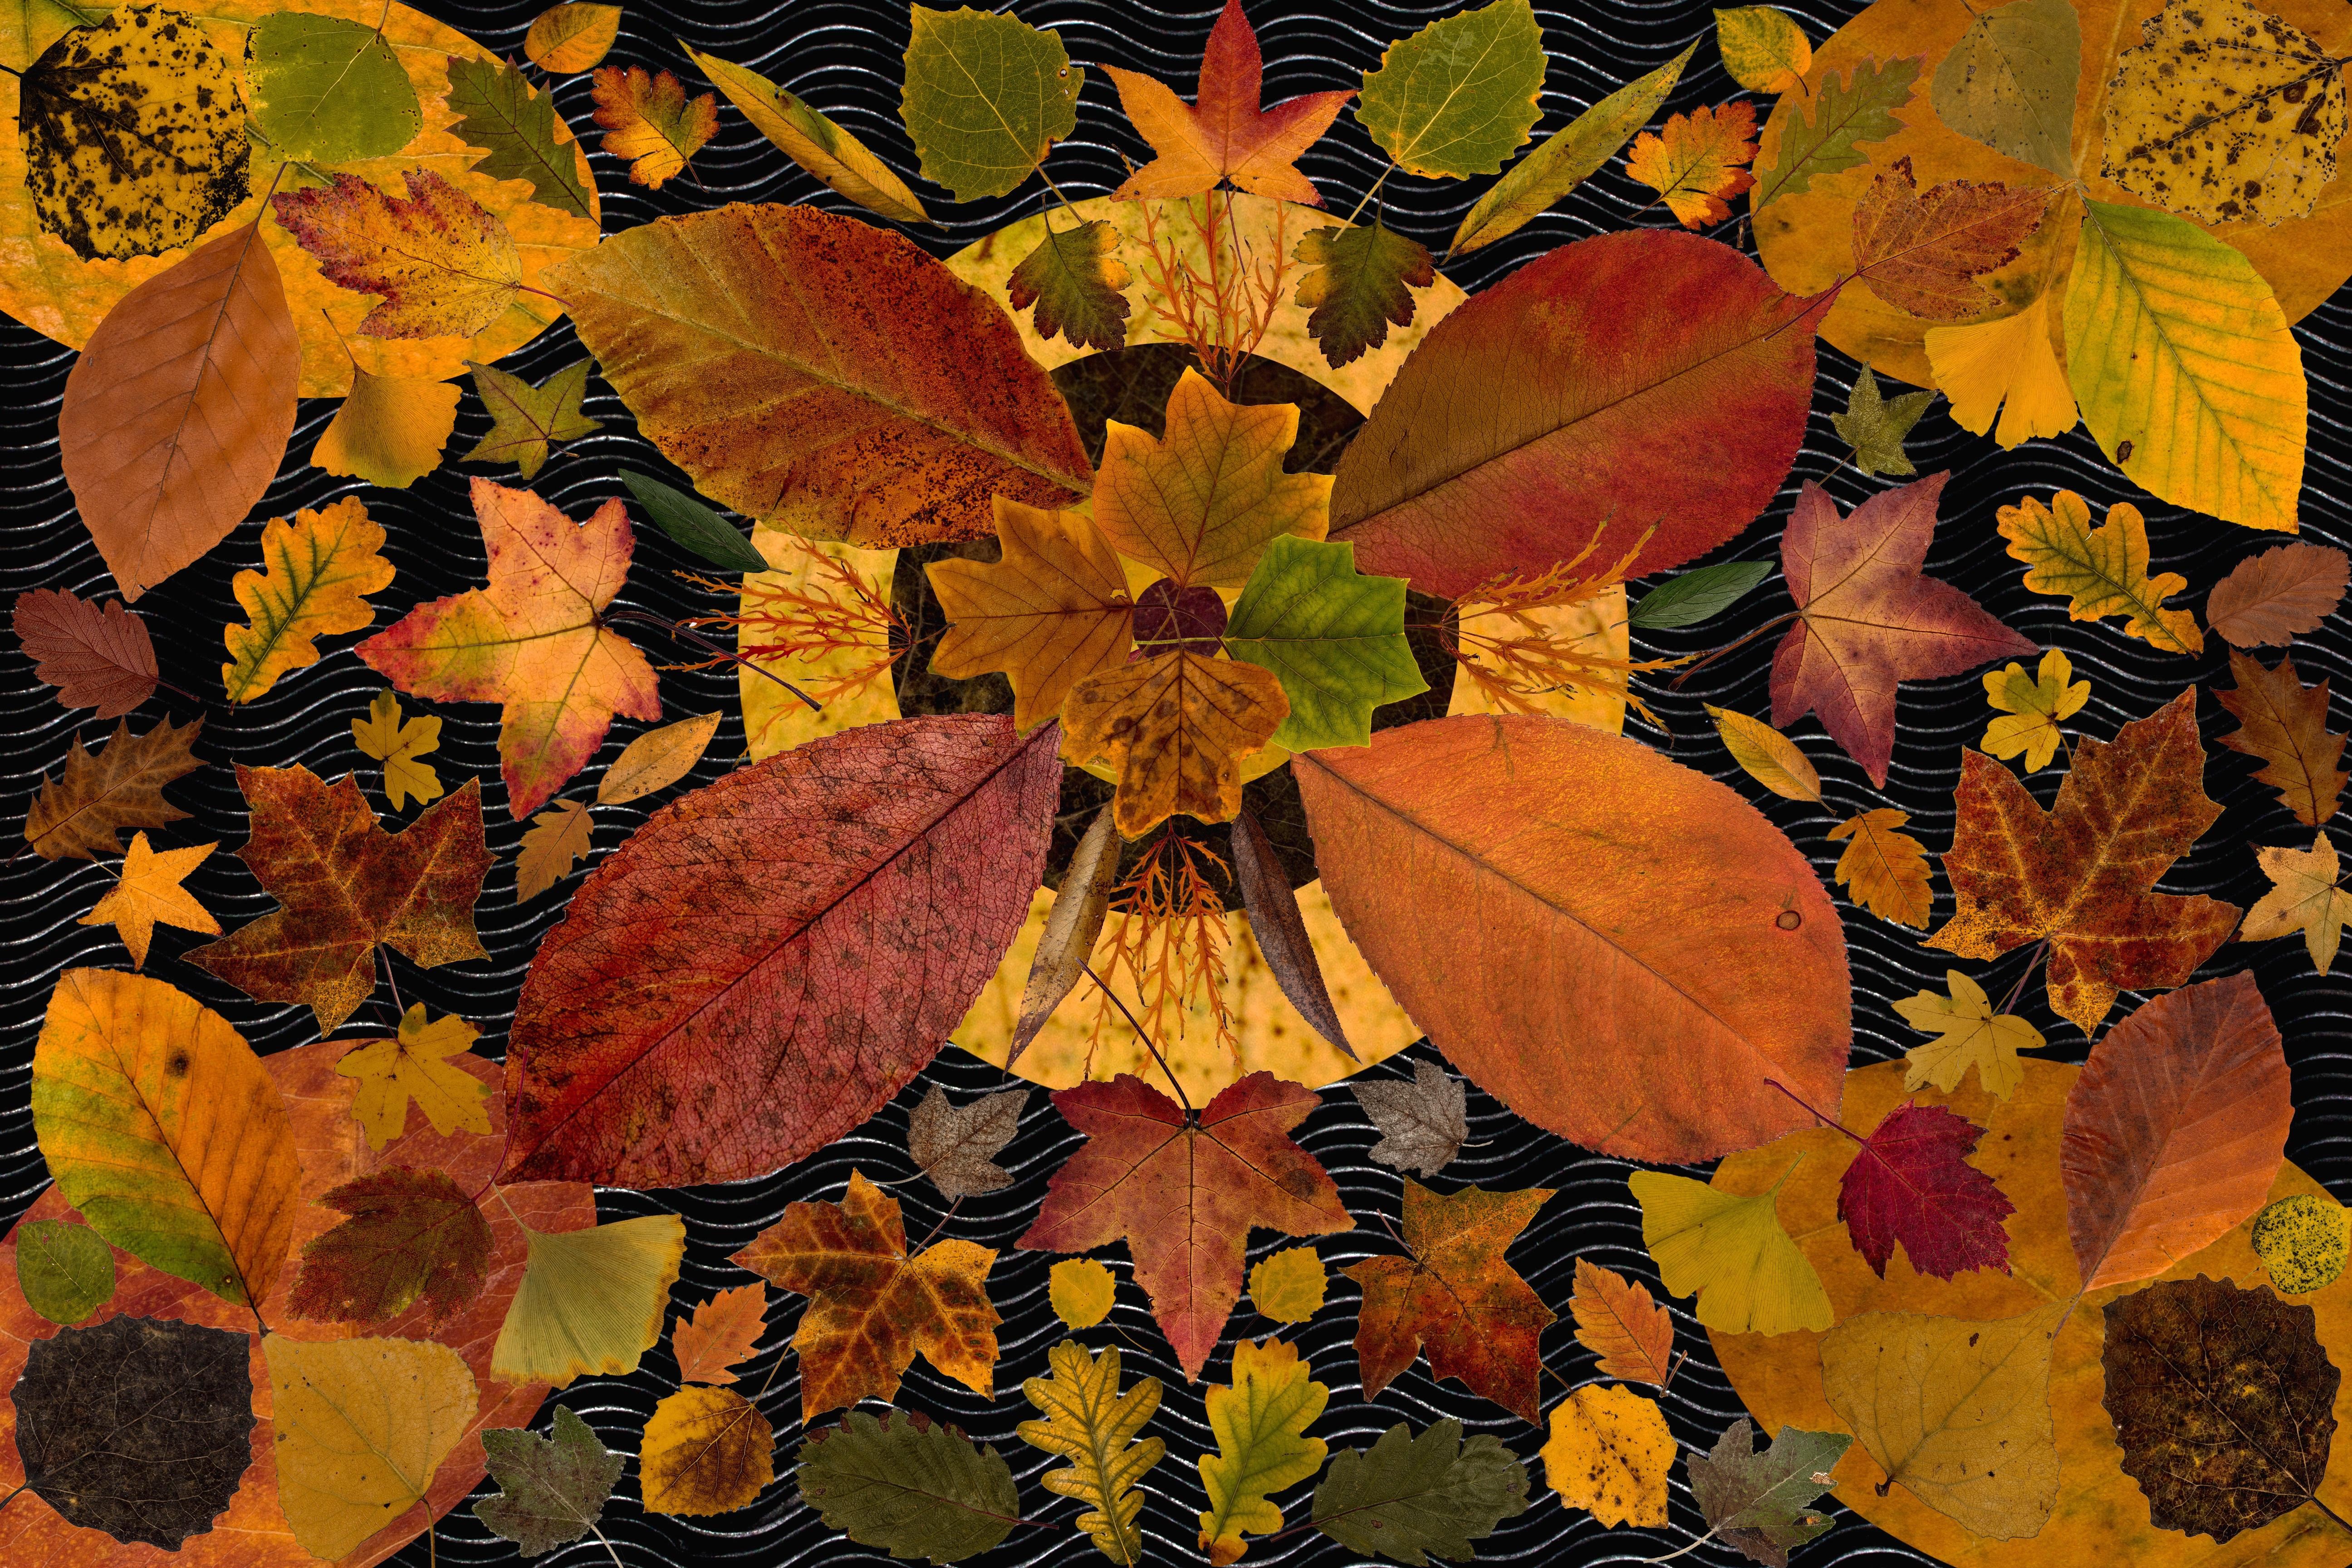 Fotos gratis : árbol, planta, árido, flor, seco, patrón, color ...